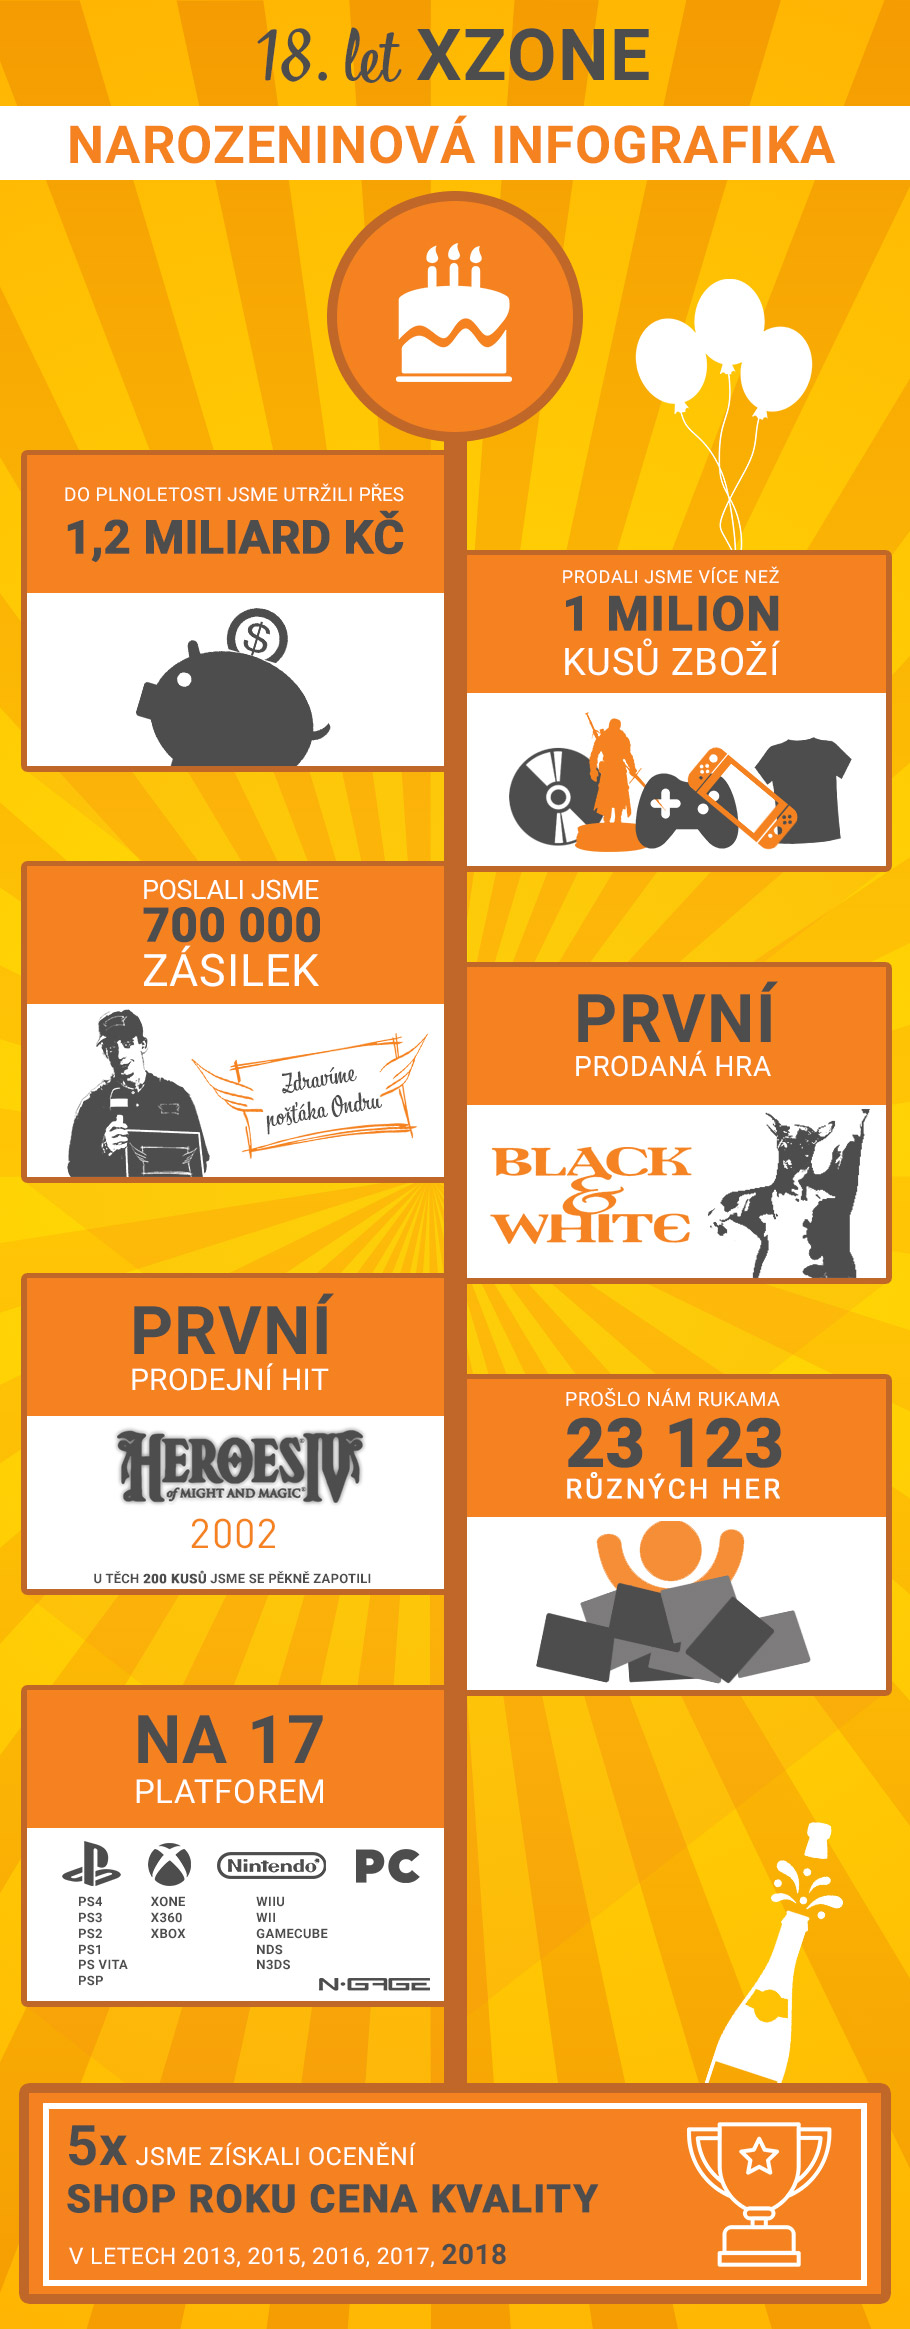 Herní obchod Xzone.cz slaví 18 let na trhu a více jak milion prodaných her infografika 18let